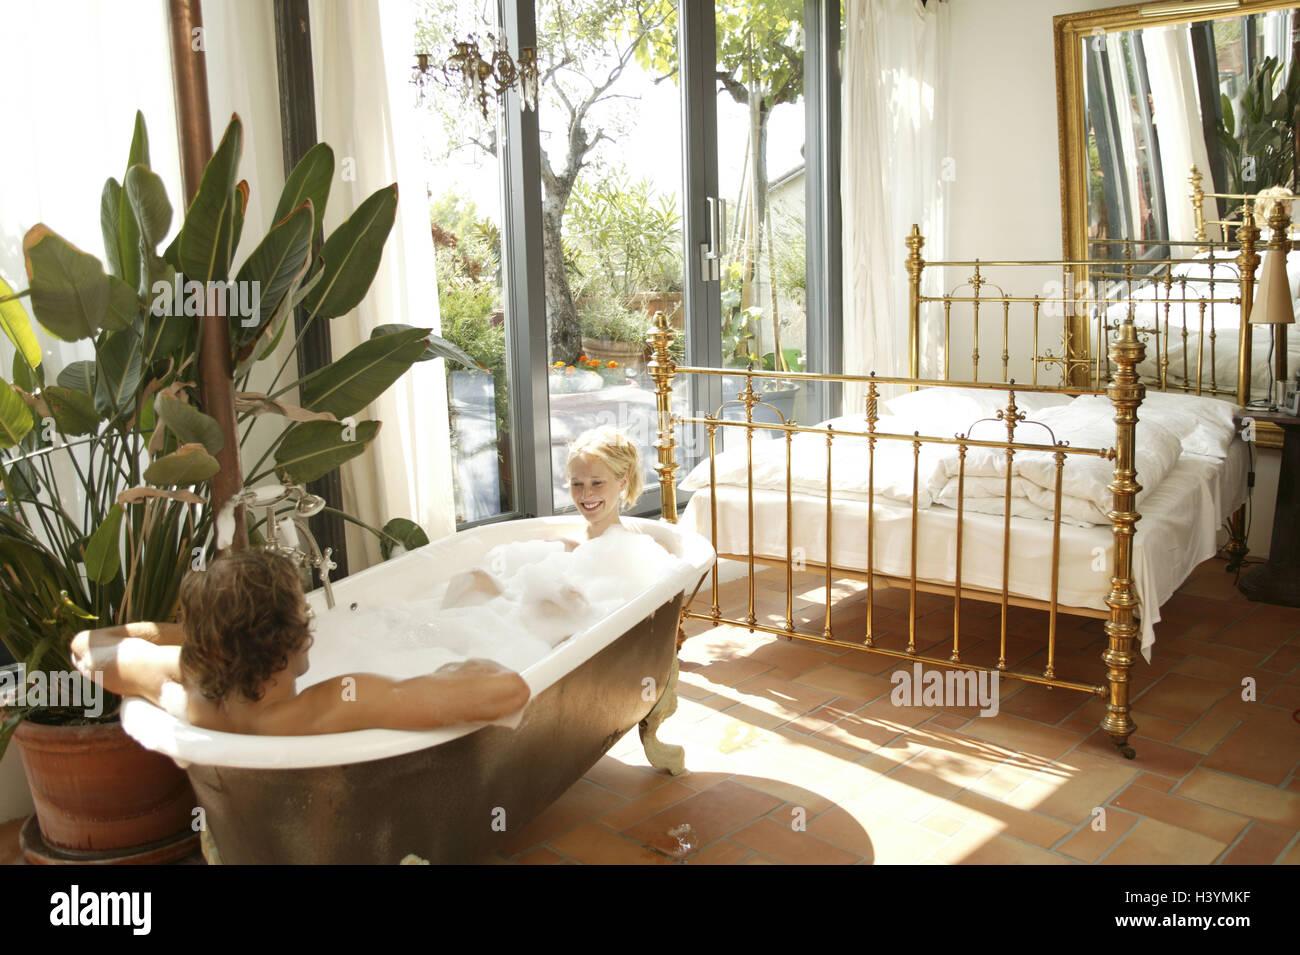 ... Haben Ein Bad, Pflege, Körperpflege, Zusammen, Genießen, Erholung,  Ruhe, Zimmer, Wohnung, Individuell, Einrichten, Einrichtung,  Inneneinrichtung, ...